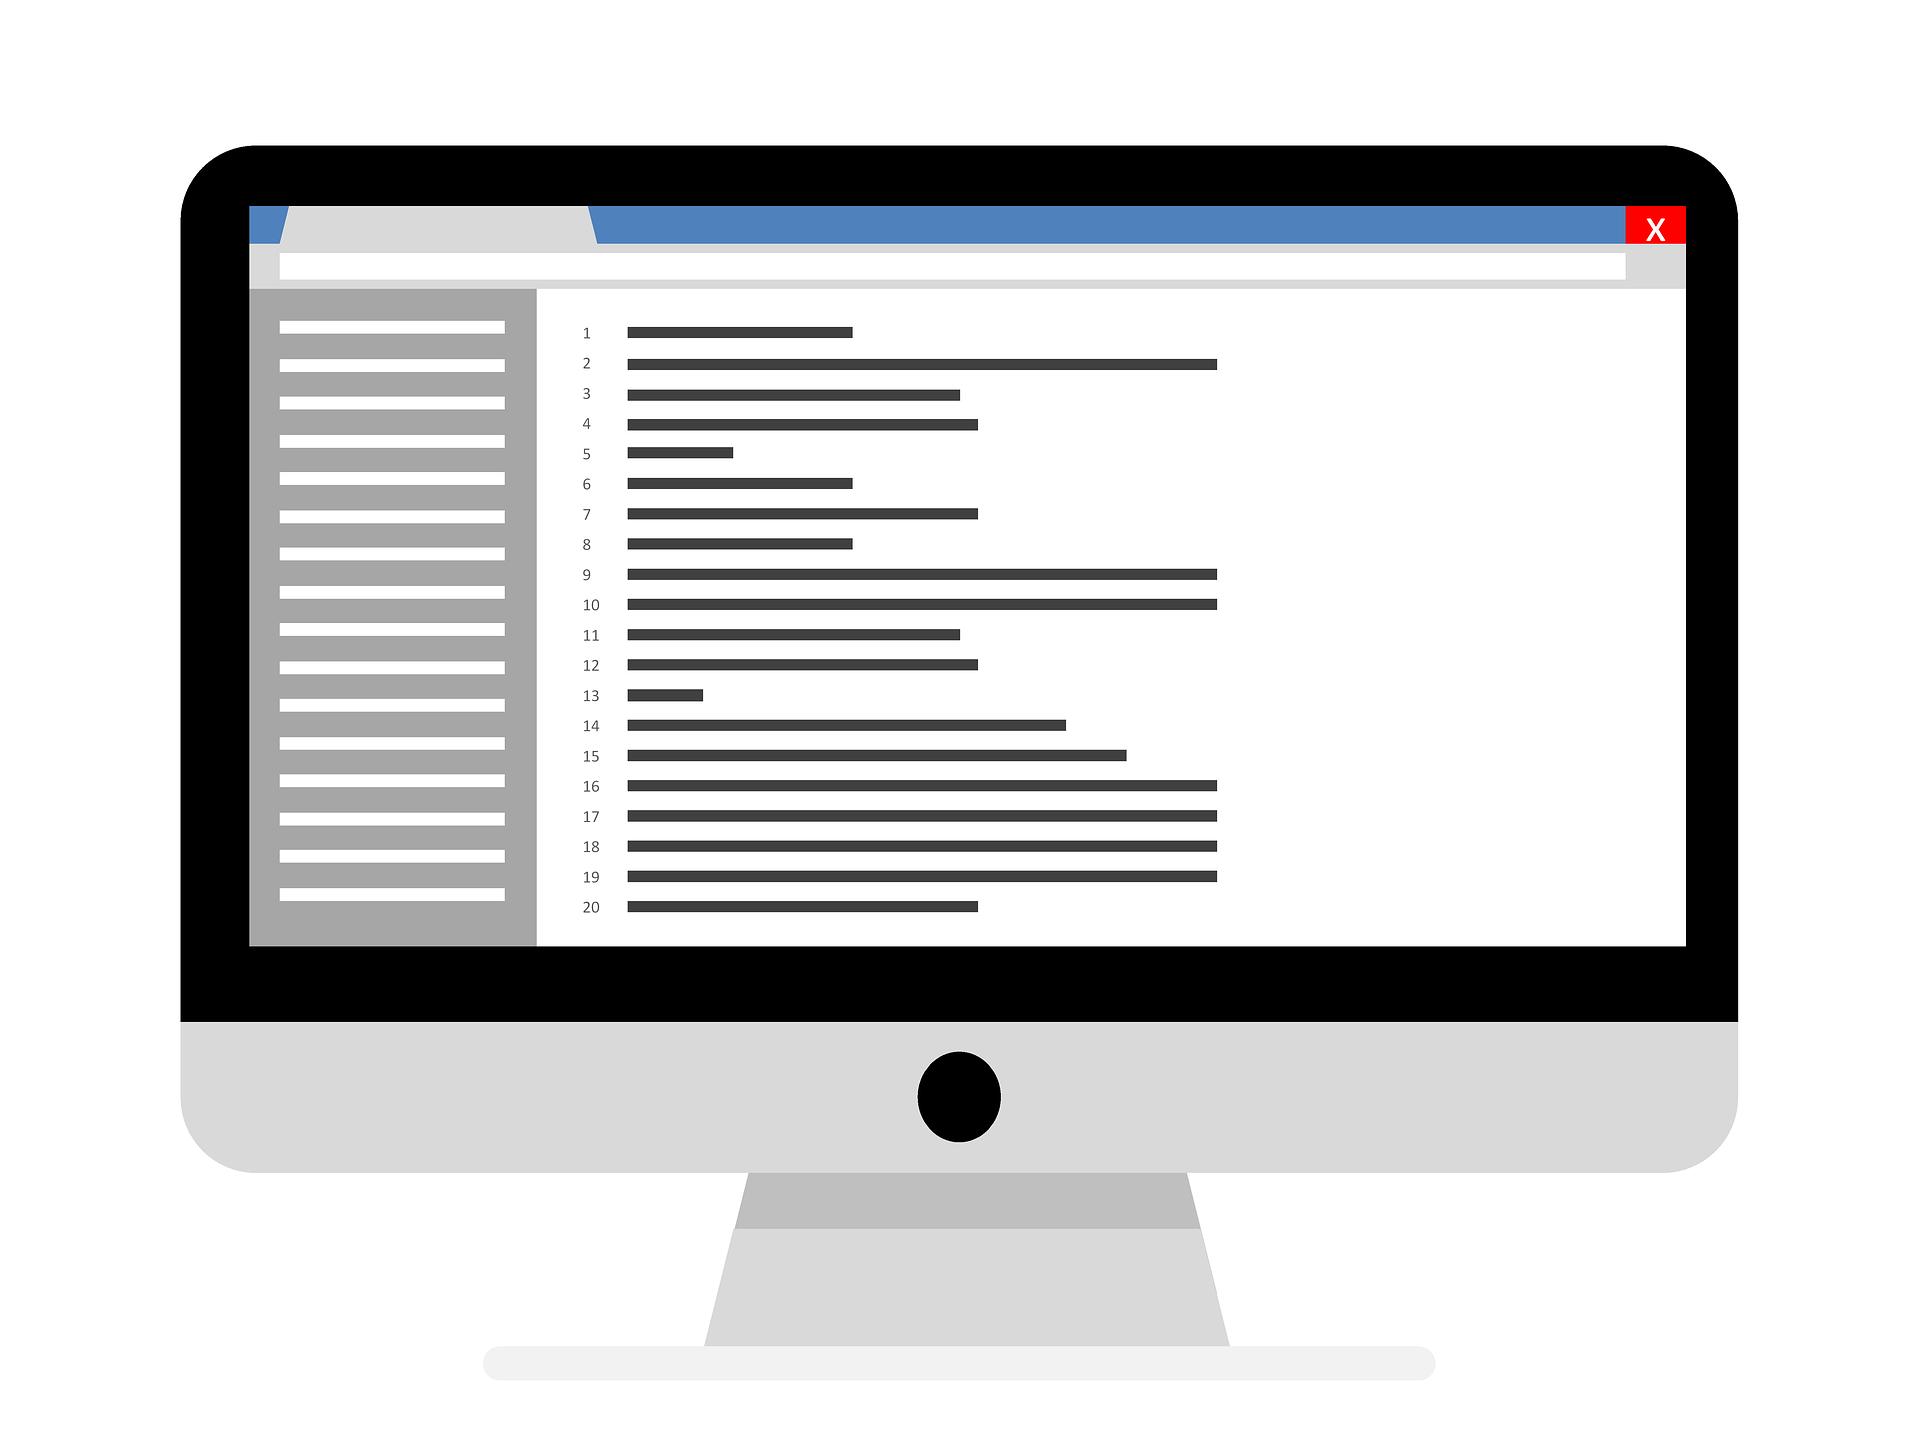 [備忘録] htmlにおけるベージ内ジャンプの方法